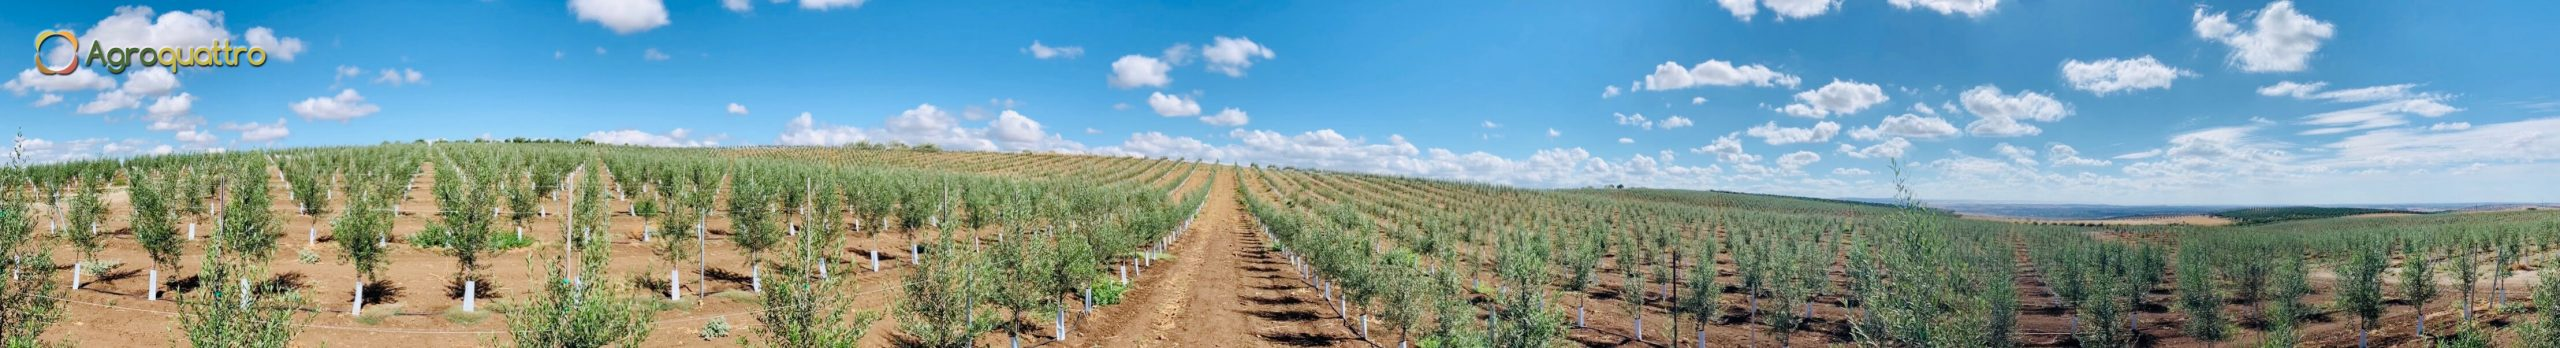 Plantación de olivar en seto en Portugal